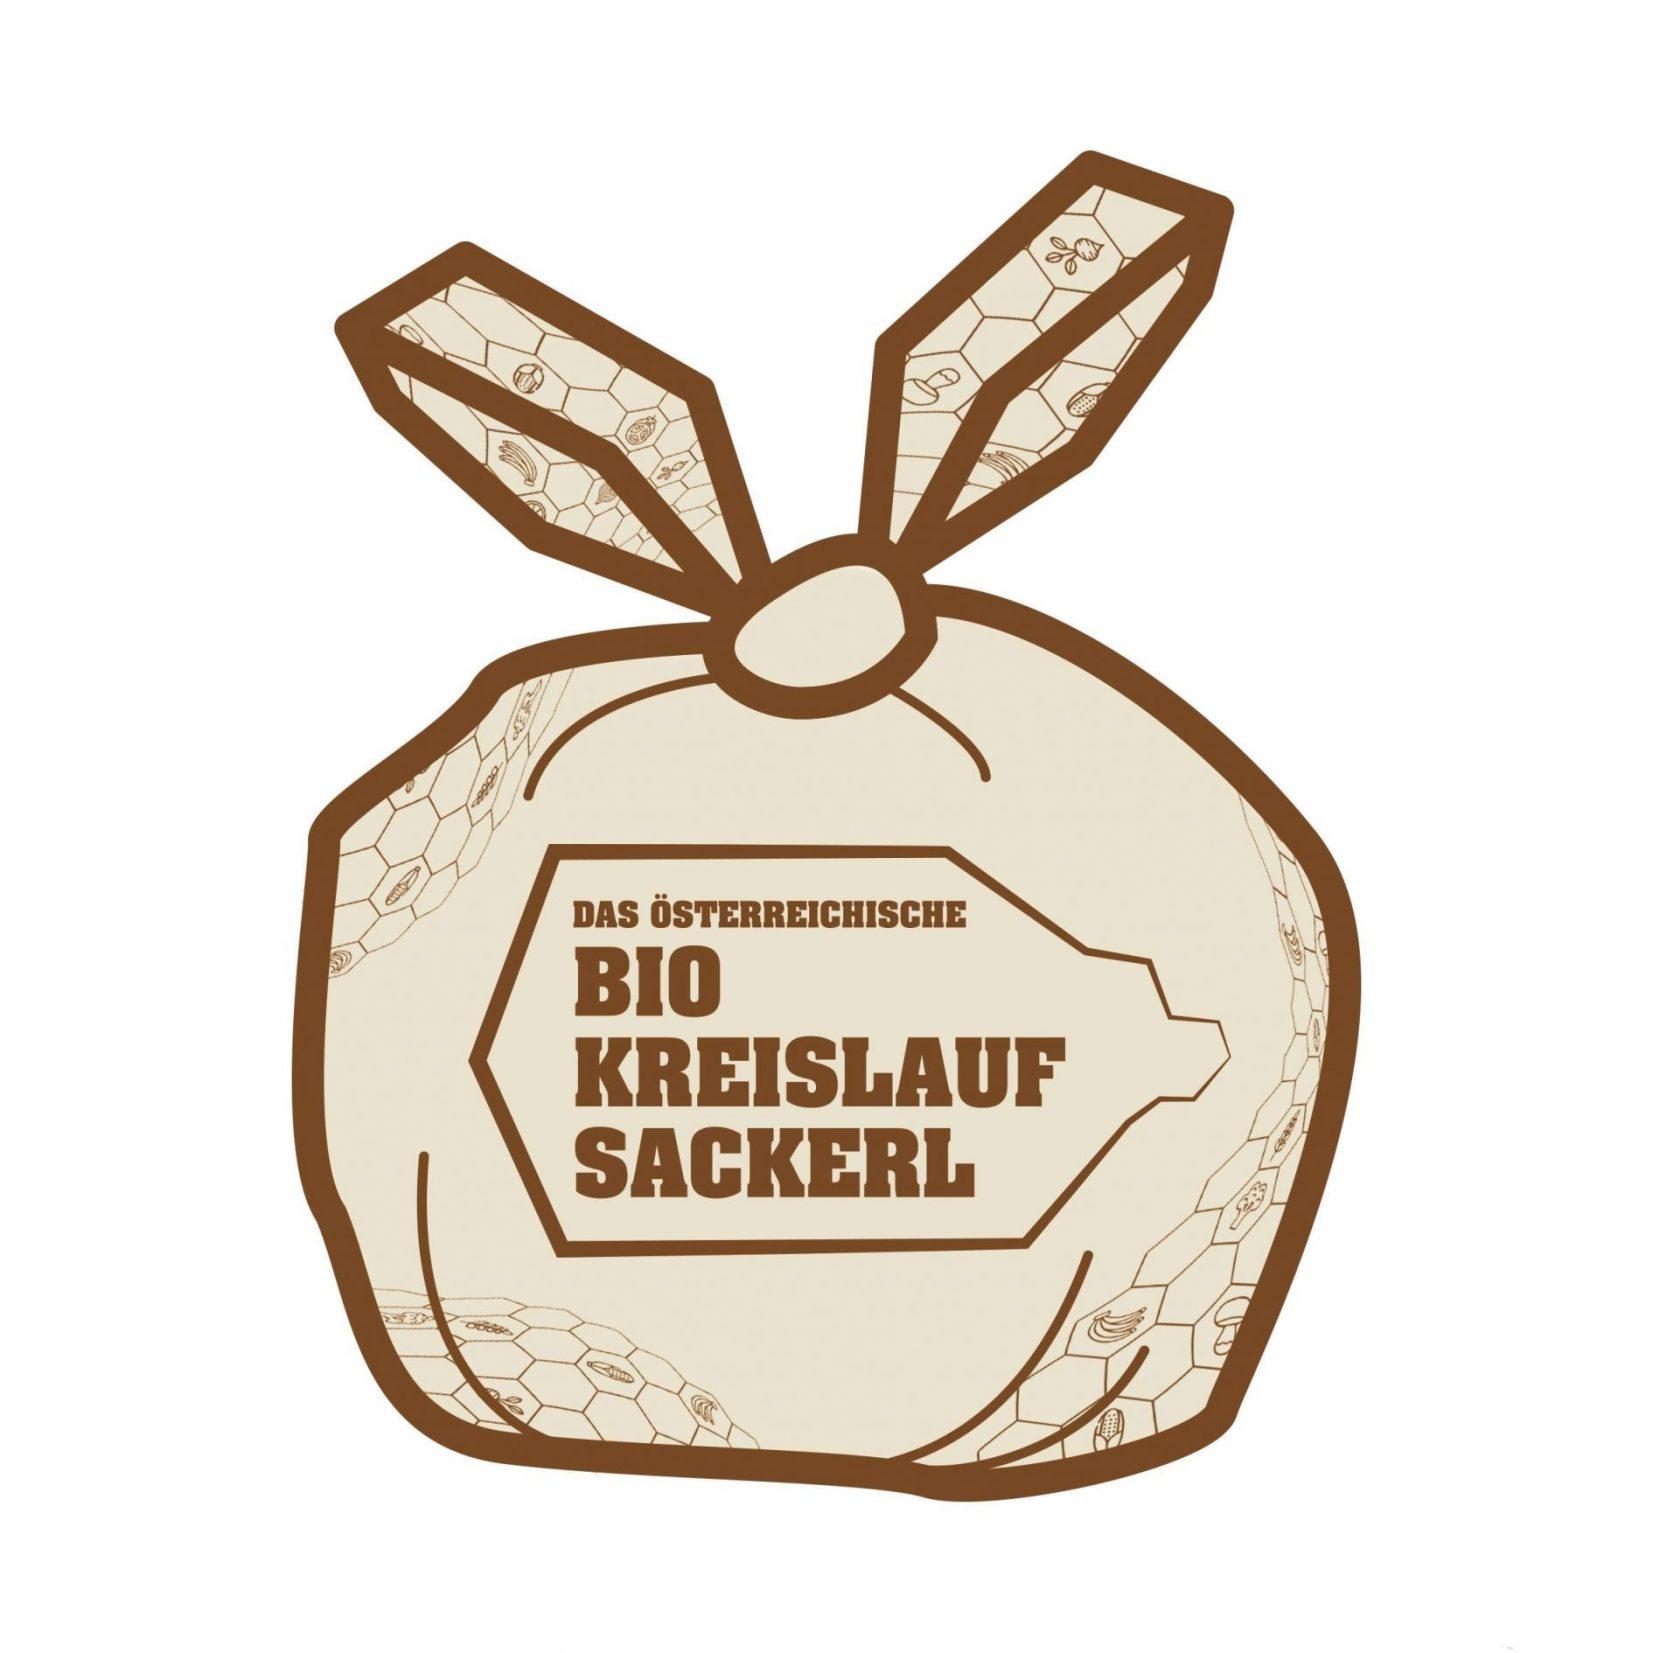 PR Bild Kompost und Biogas Verband Österreich Bio-Kreislauf-Sackerl © Kompost und Biogasverband Österreich